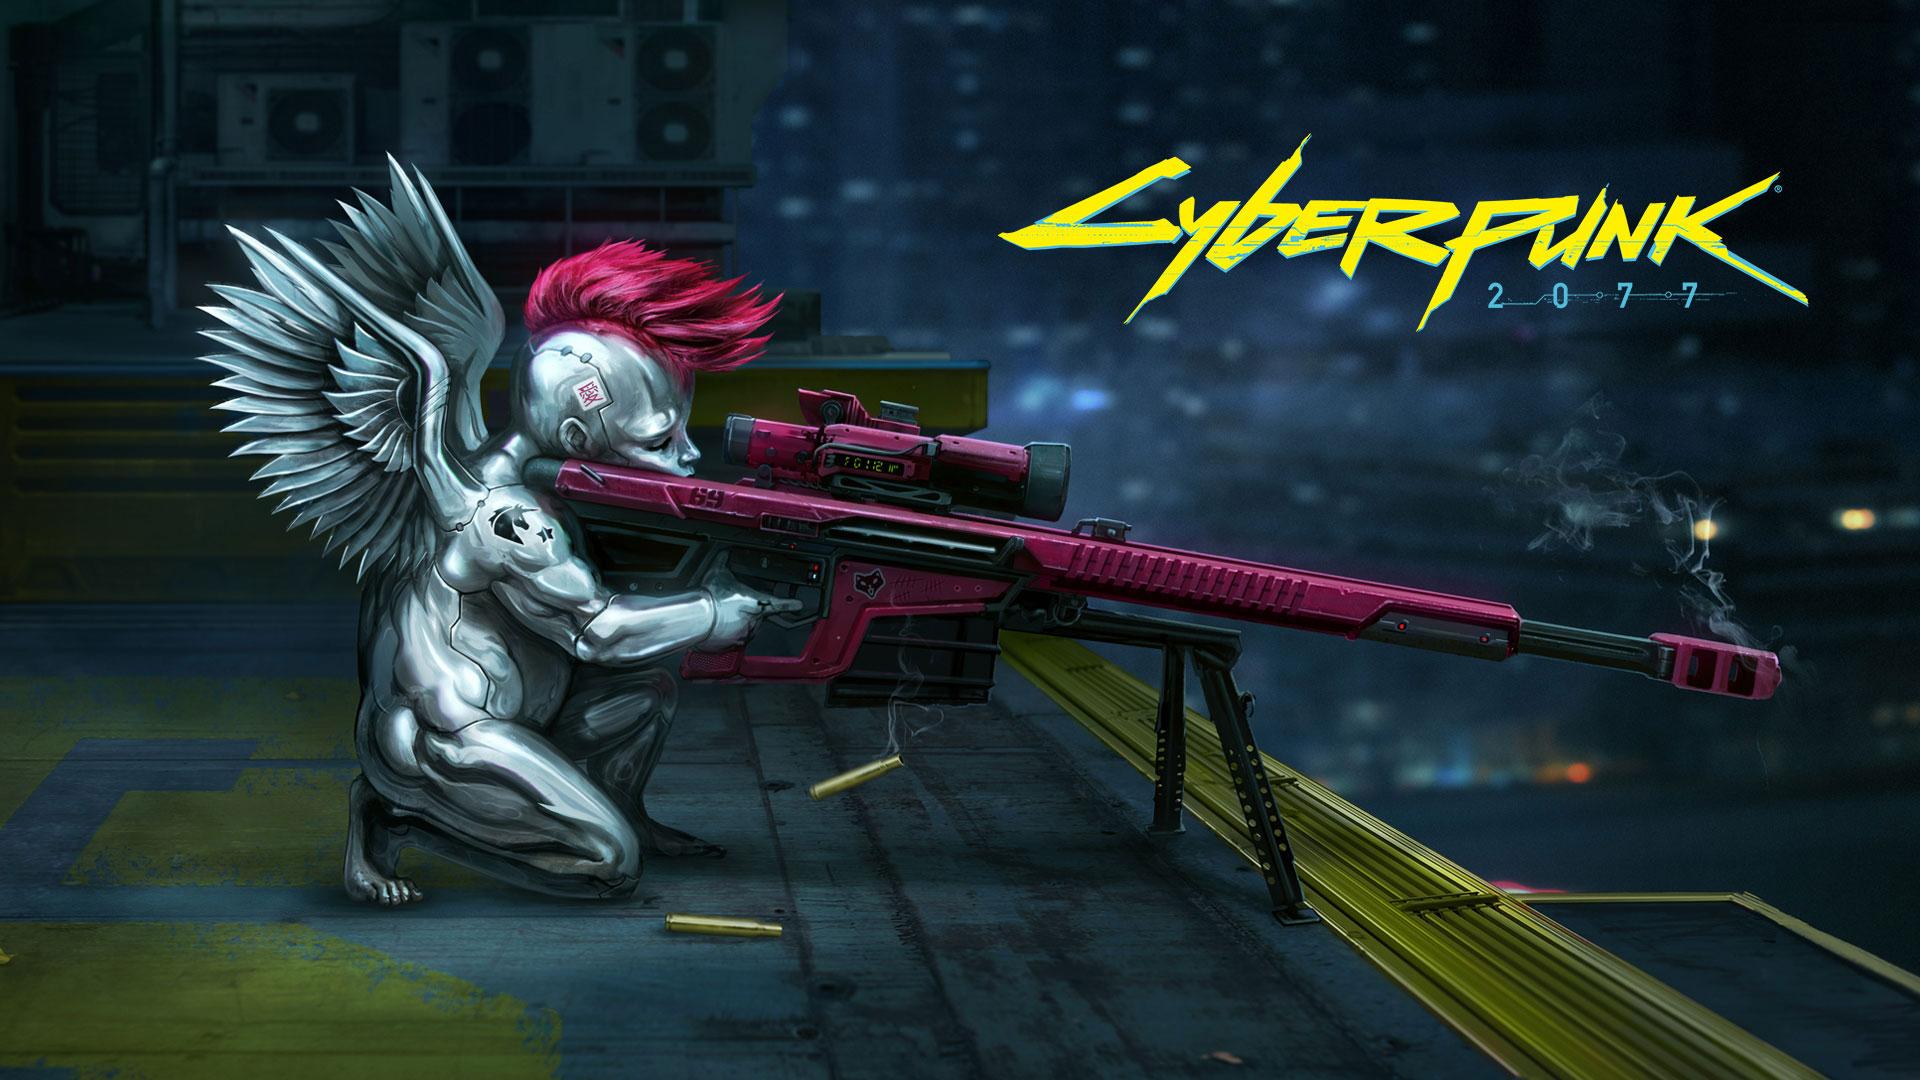 Cyberpunk 2077 Wallpapers - HD Desktop & Mobile ...